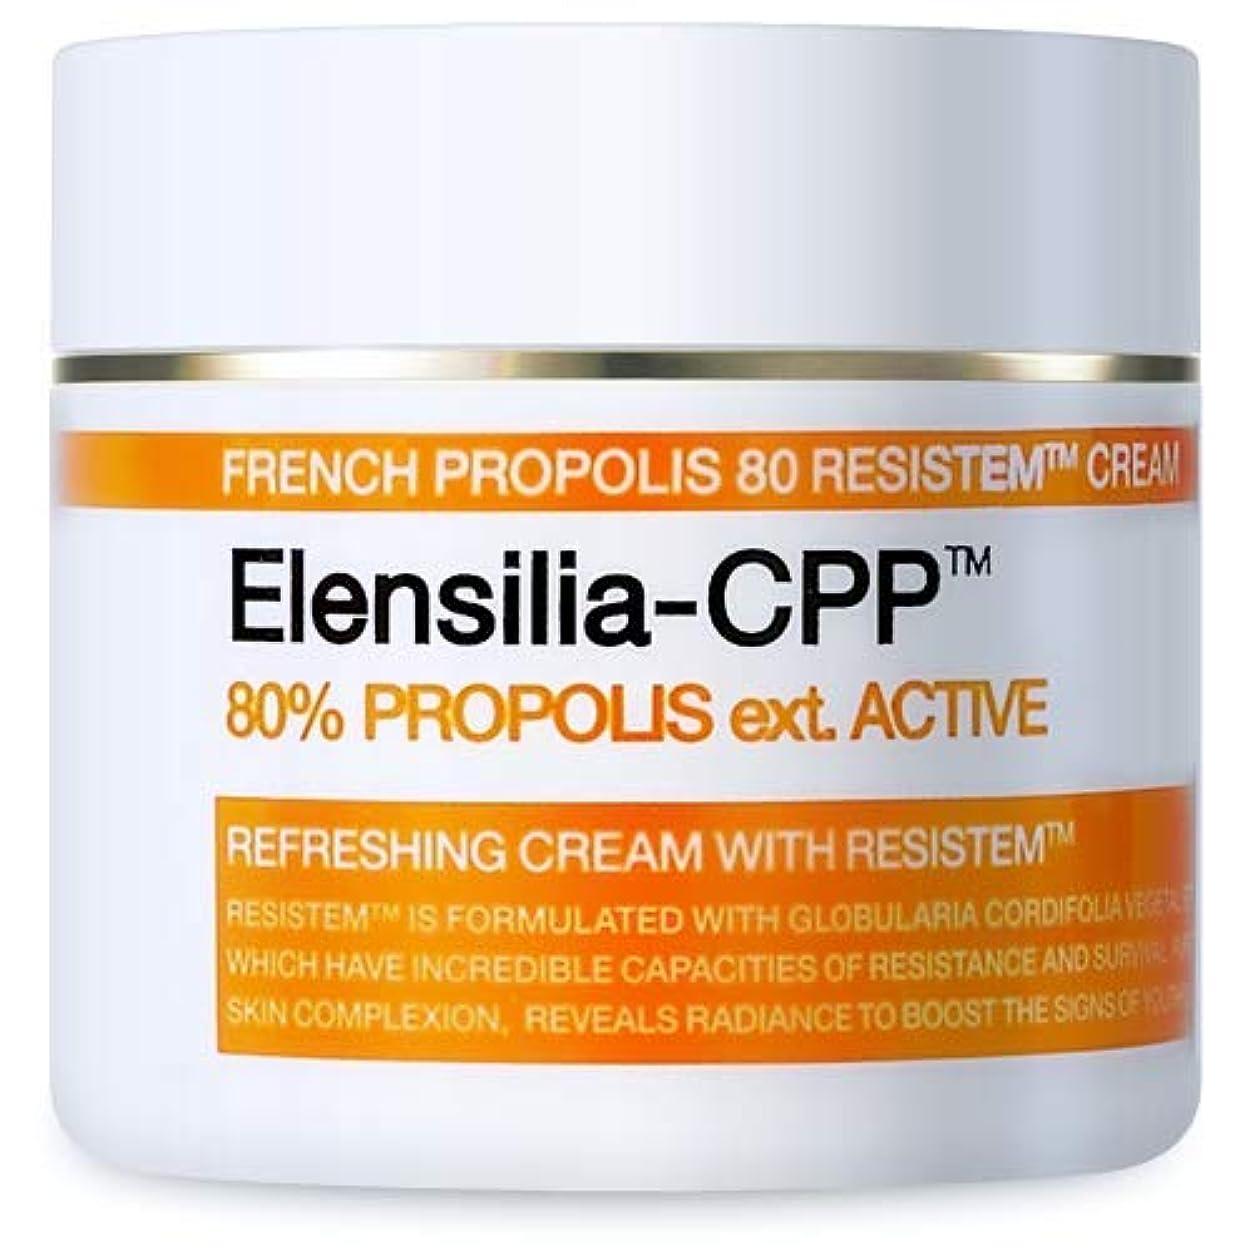 健康予感バイアスElensilia CPP フレンチ プロポリス 80 リシステム クリーム / CPP French Propolis 80 Resistem Cream (50g) [並行輸入品]